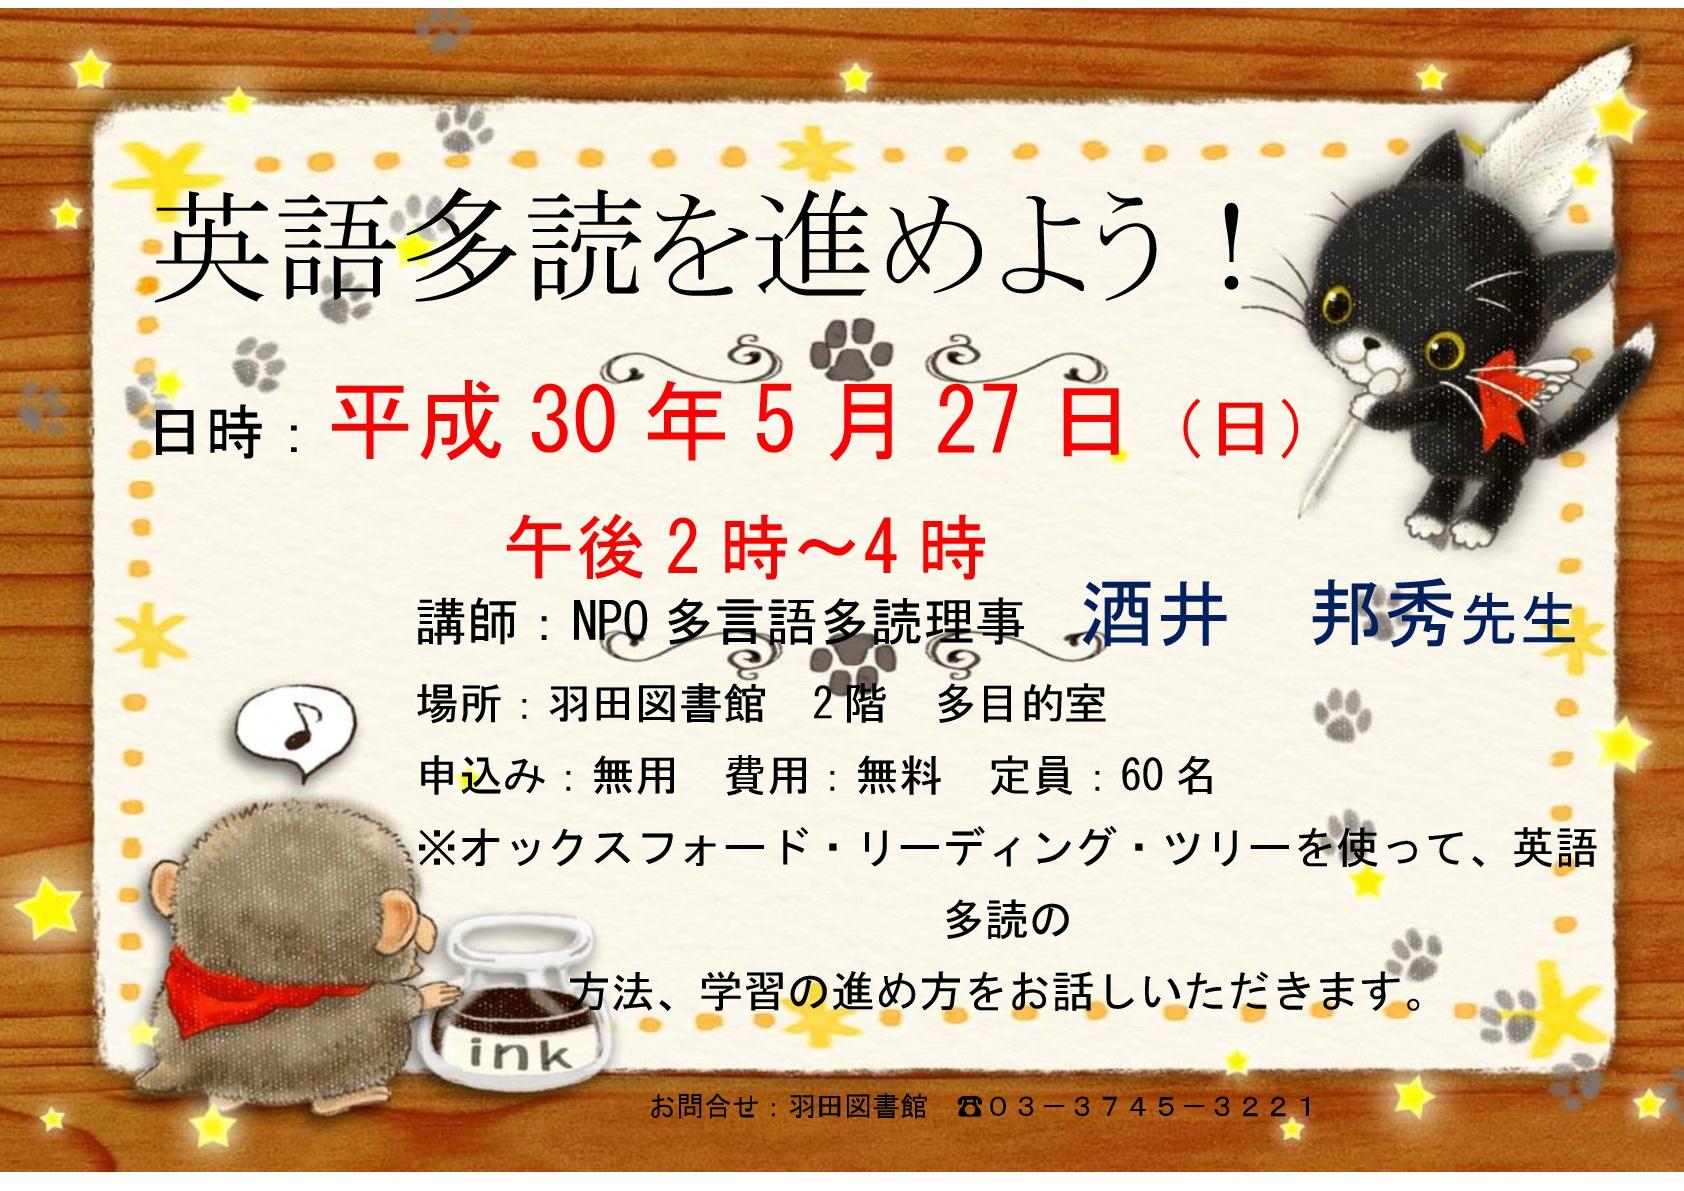 2018英語多読ポスター-001